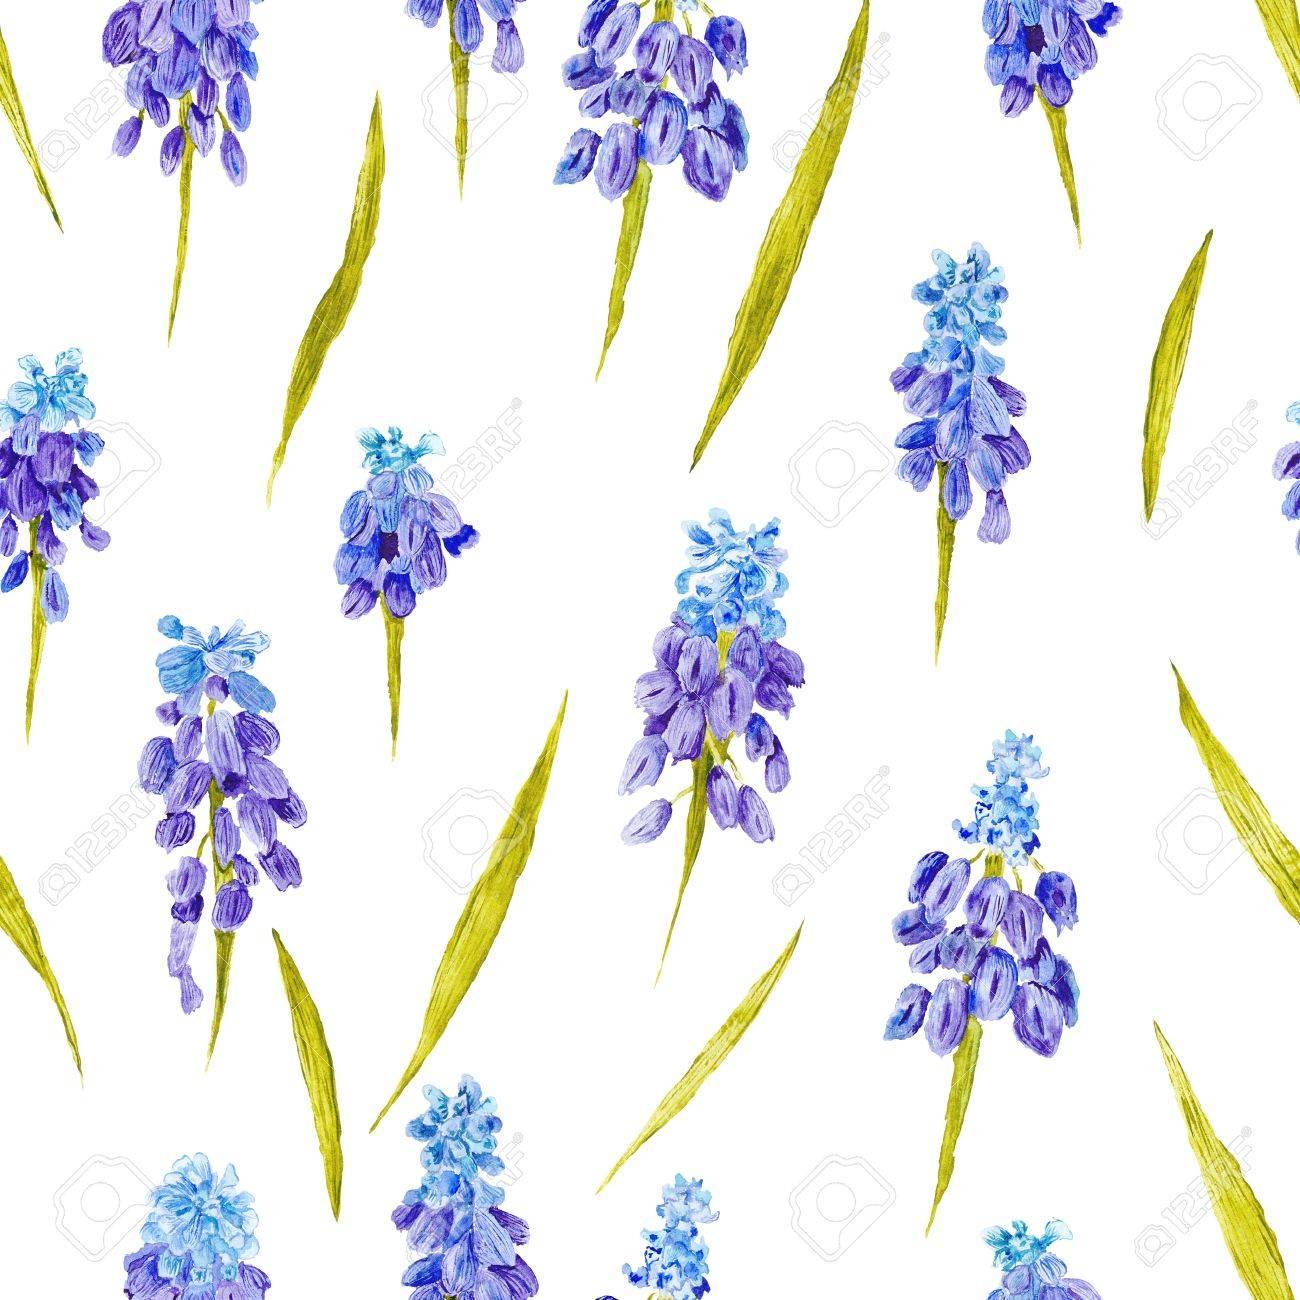 Fondo Floral Sin Fisuras Con Flores Azules Y Purpuras Muskari Fotos